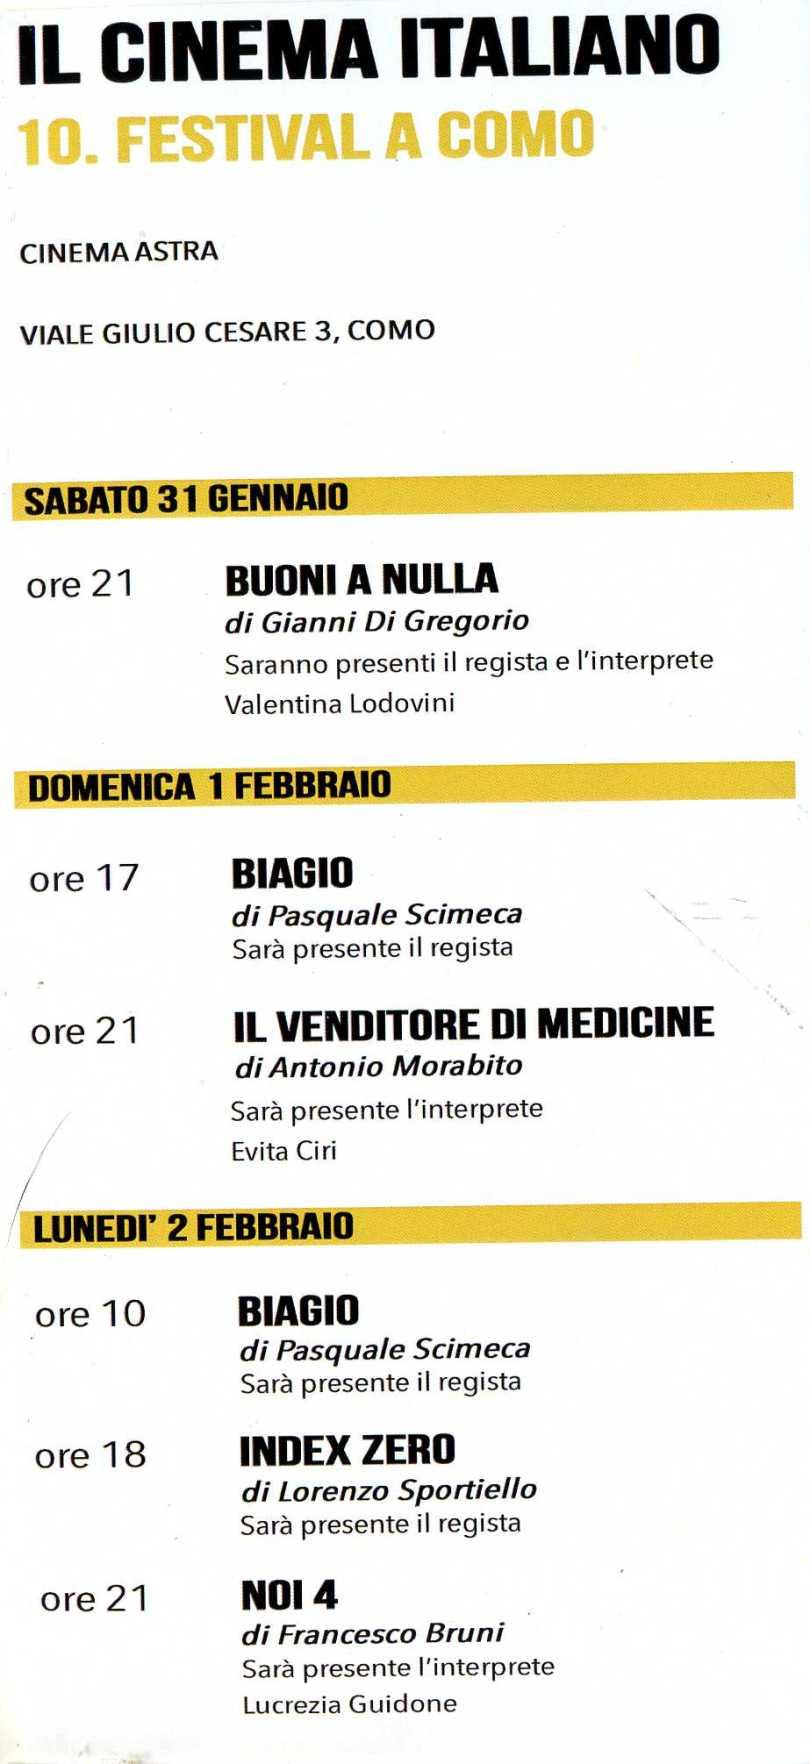 Cinema italiano como 20151913